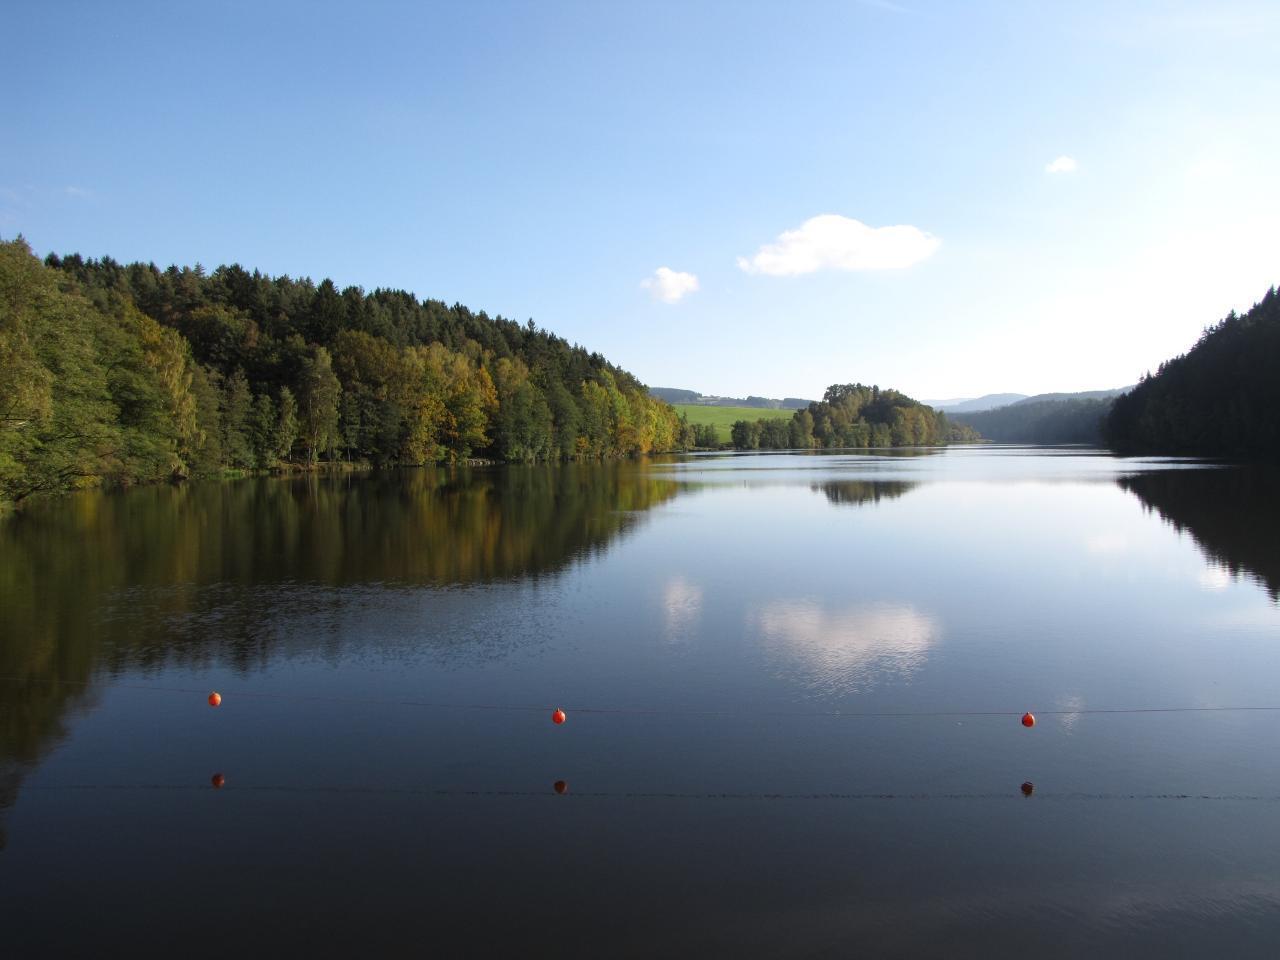 Ferienwohnung bis 6 Pers. (251245), Zandt, Bayerischer Wald, Bayern, Deutschland, Bild 23